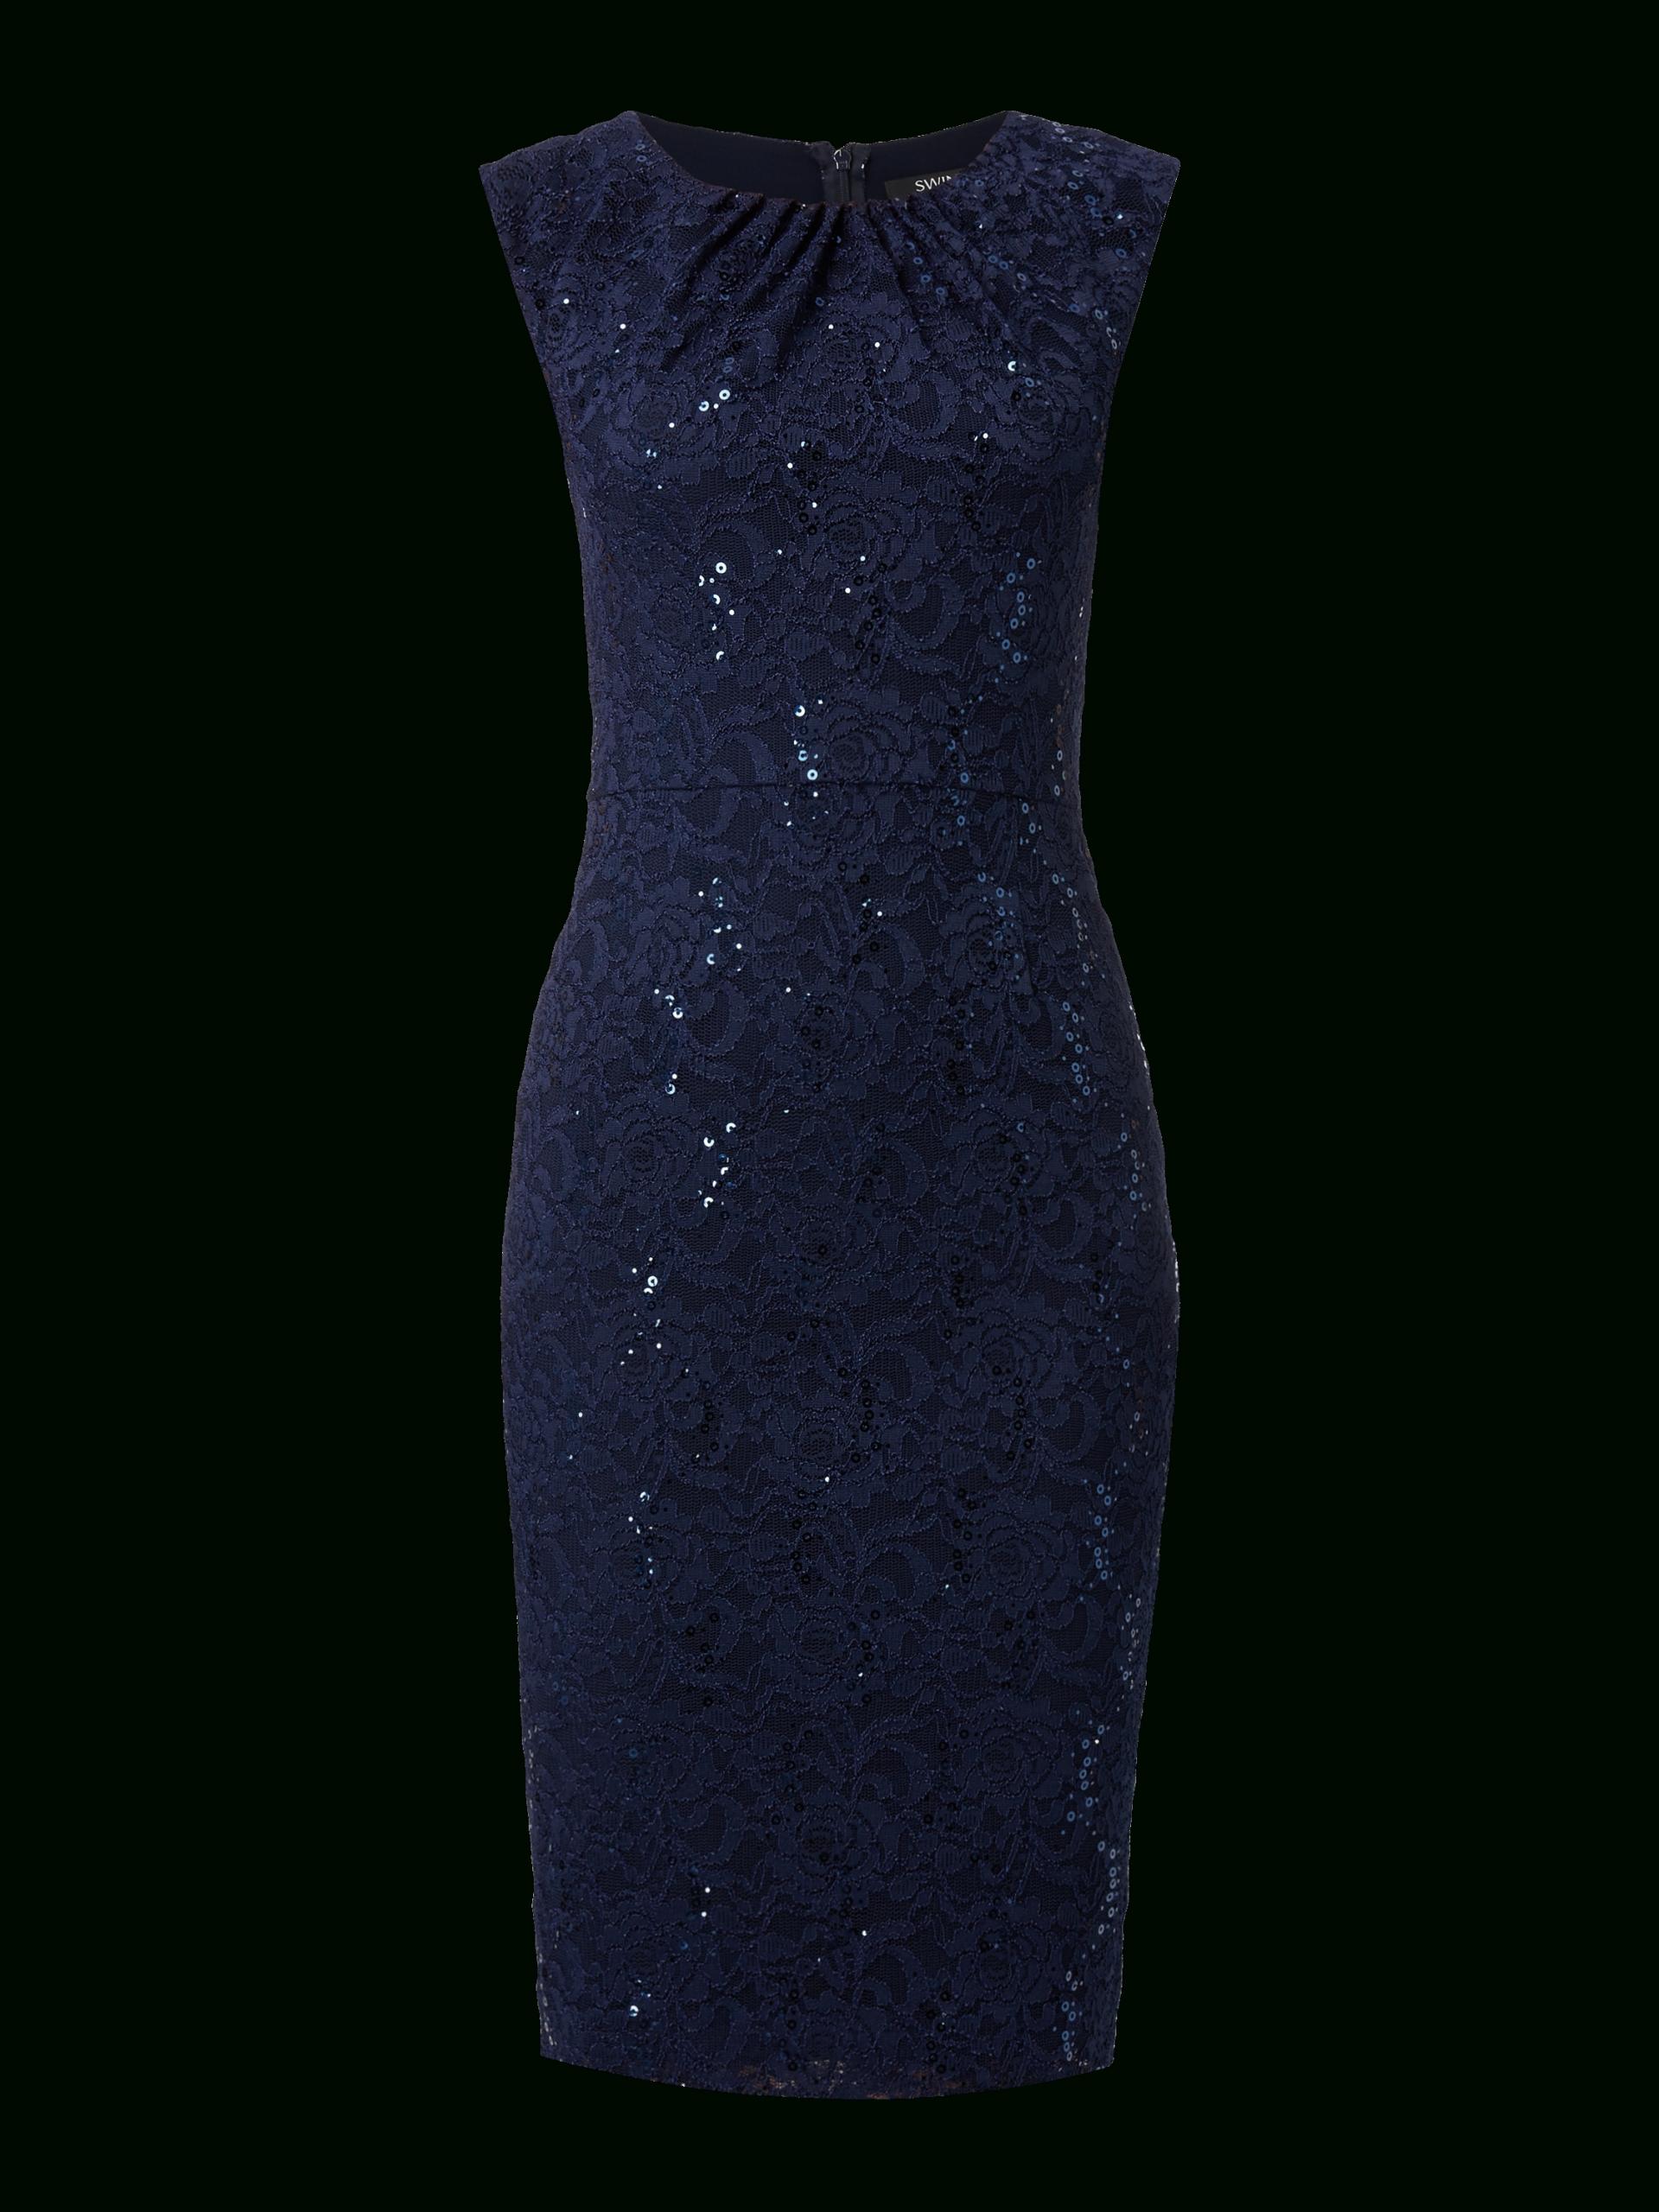 Formal Coolste Abendkleid Festlich Stylish15 Schön Abendkleid Festlich für 2019